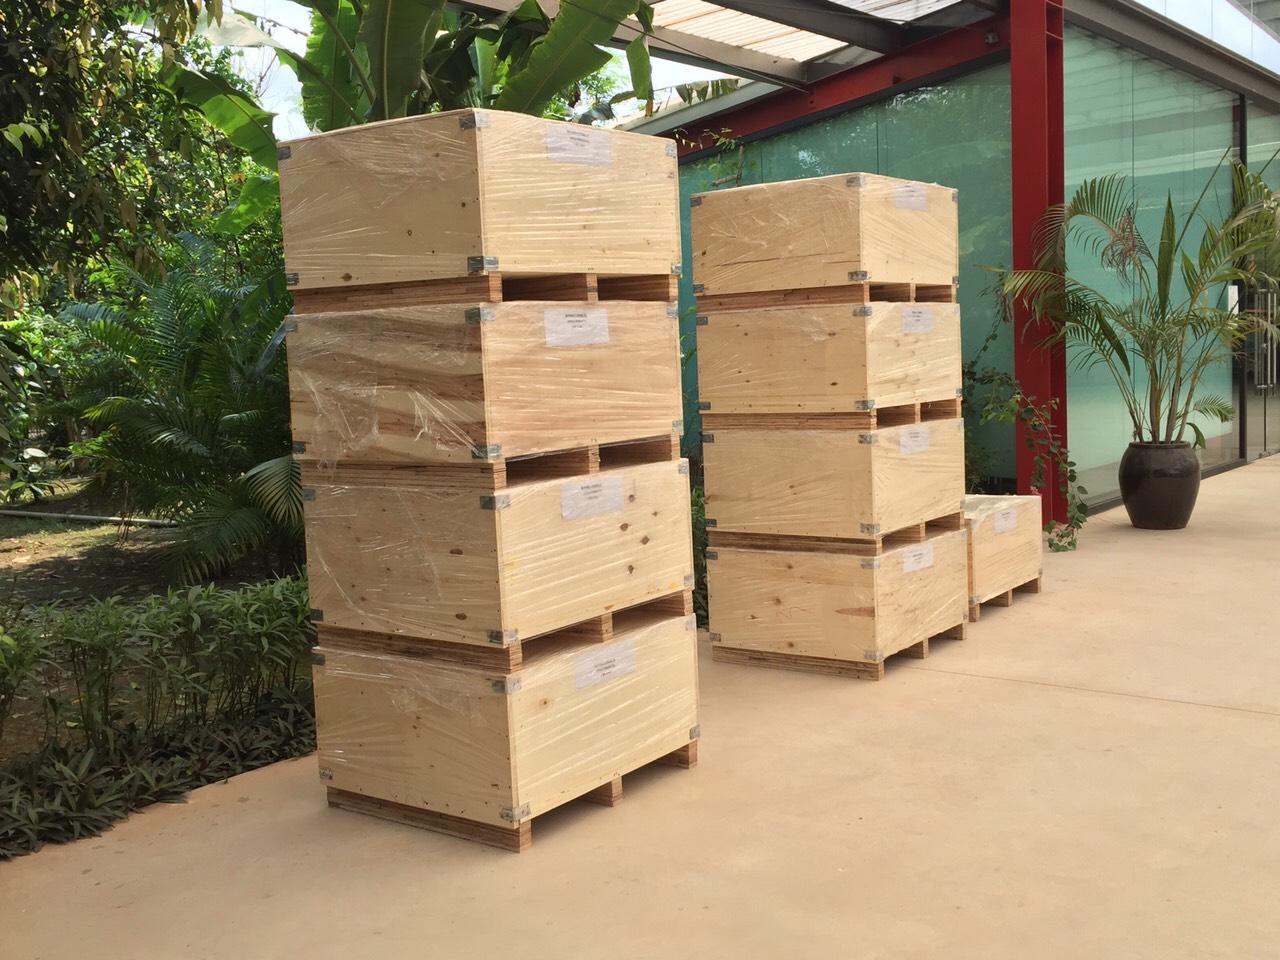 chuyển hàng Hà Nội - Nha Trang